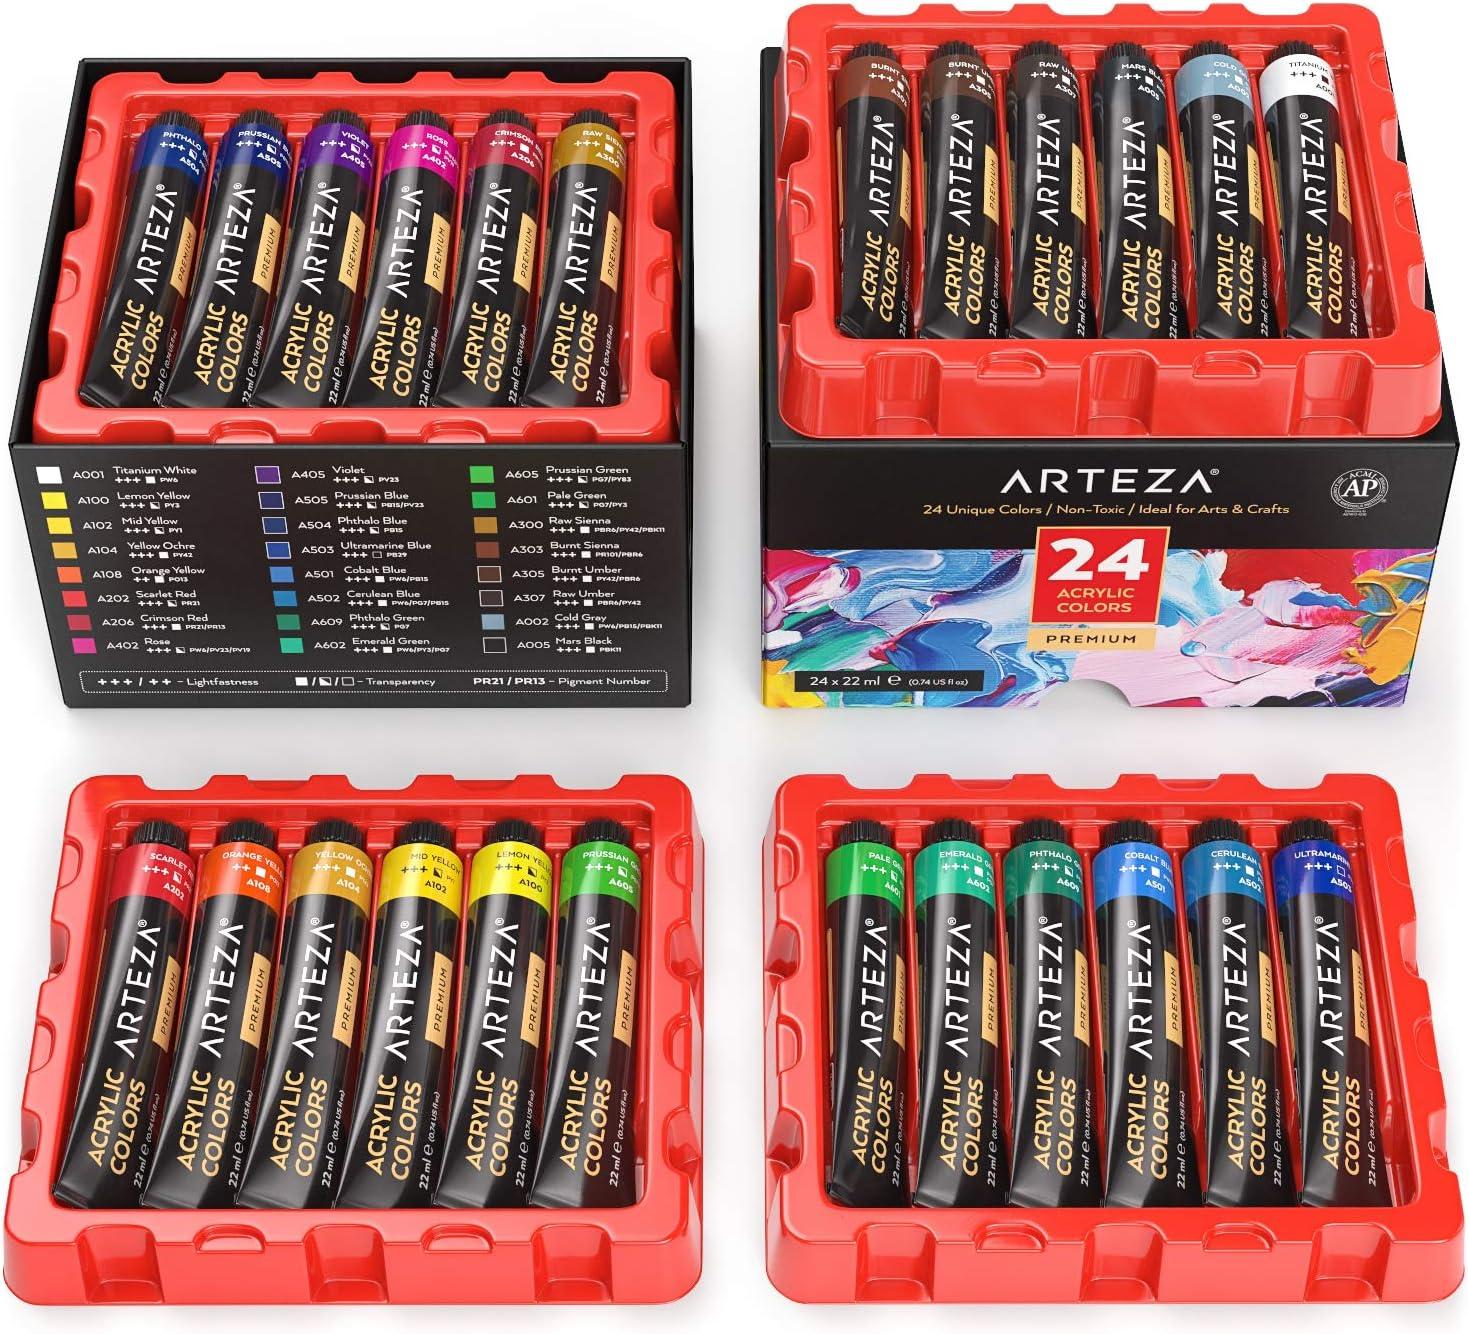 ARTEZA Pintura acrílica, juego de 24 colores/tubos (22 ml) con caja de almacenamiento, pigmentos ricos, no se decoloran, pinturas no tóxicas para artistas, pintores y niños